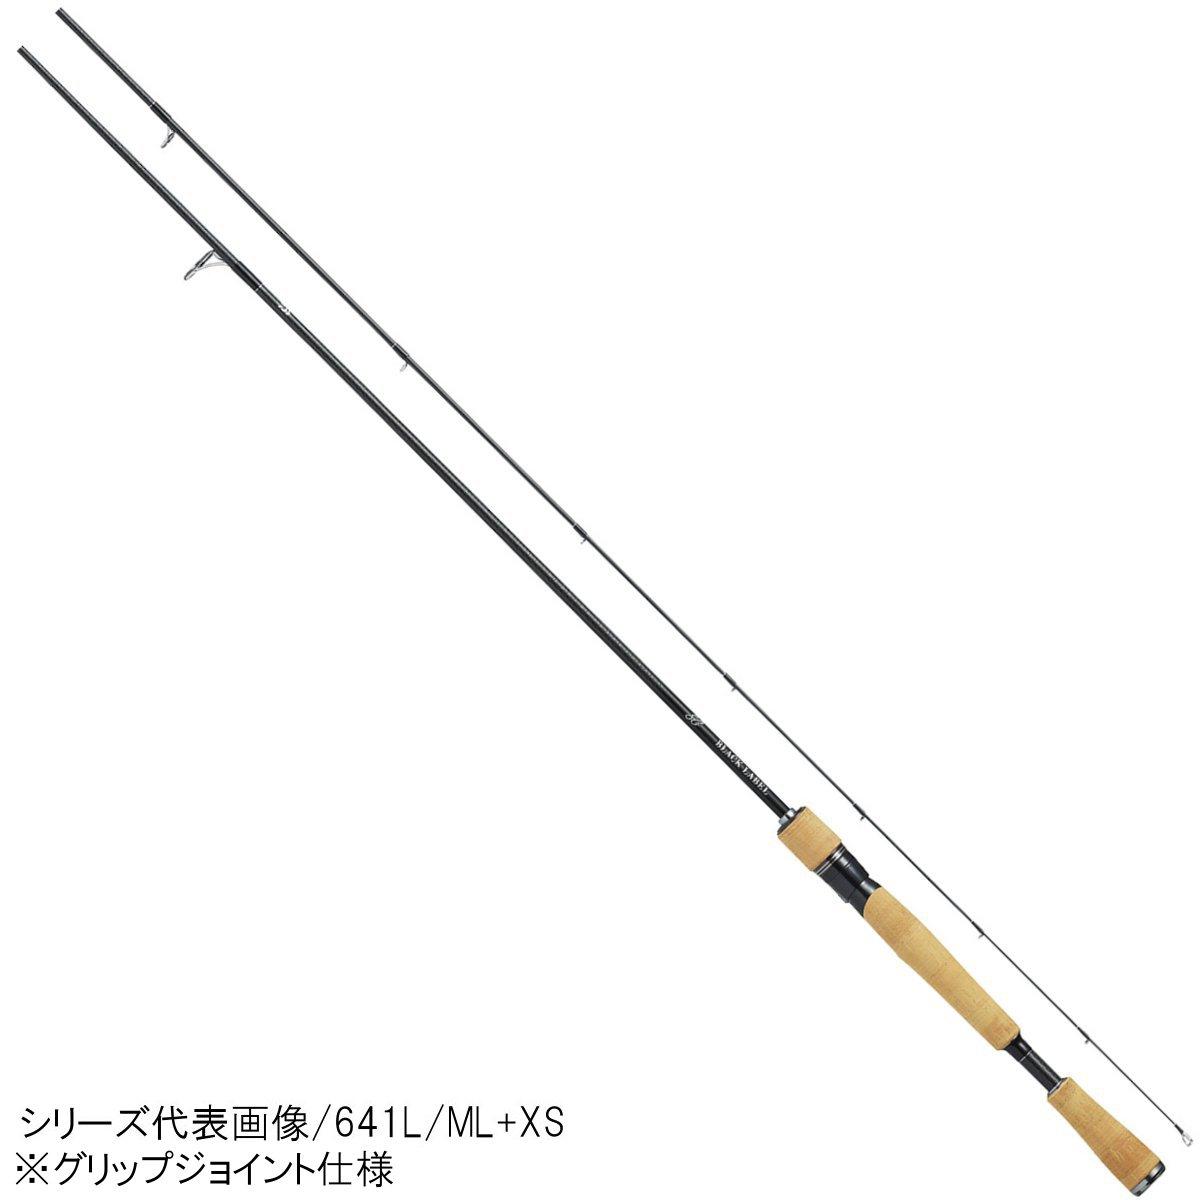 ダイワ ブラックレーベル SG(スピニングモデル) 6011UL/MLXS-ST【大型商品】(東日本店)